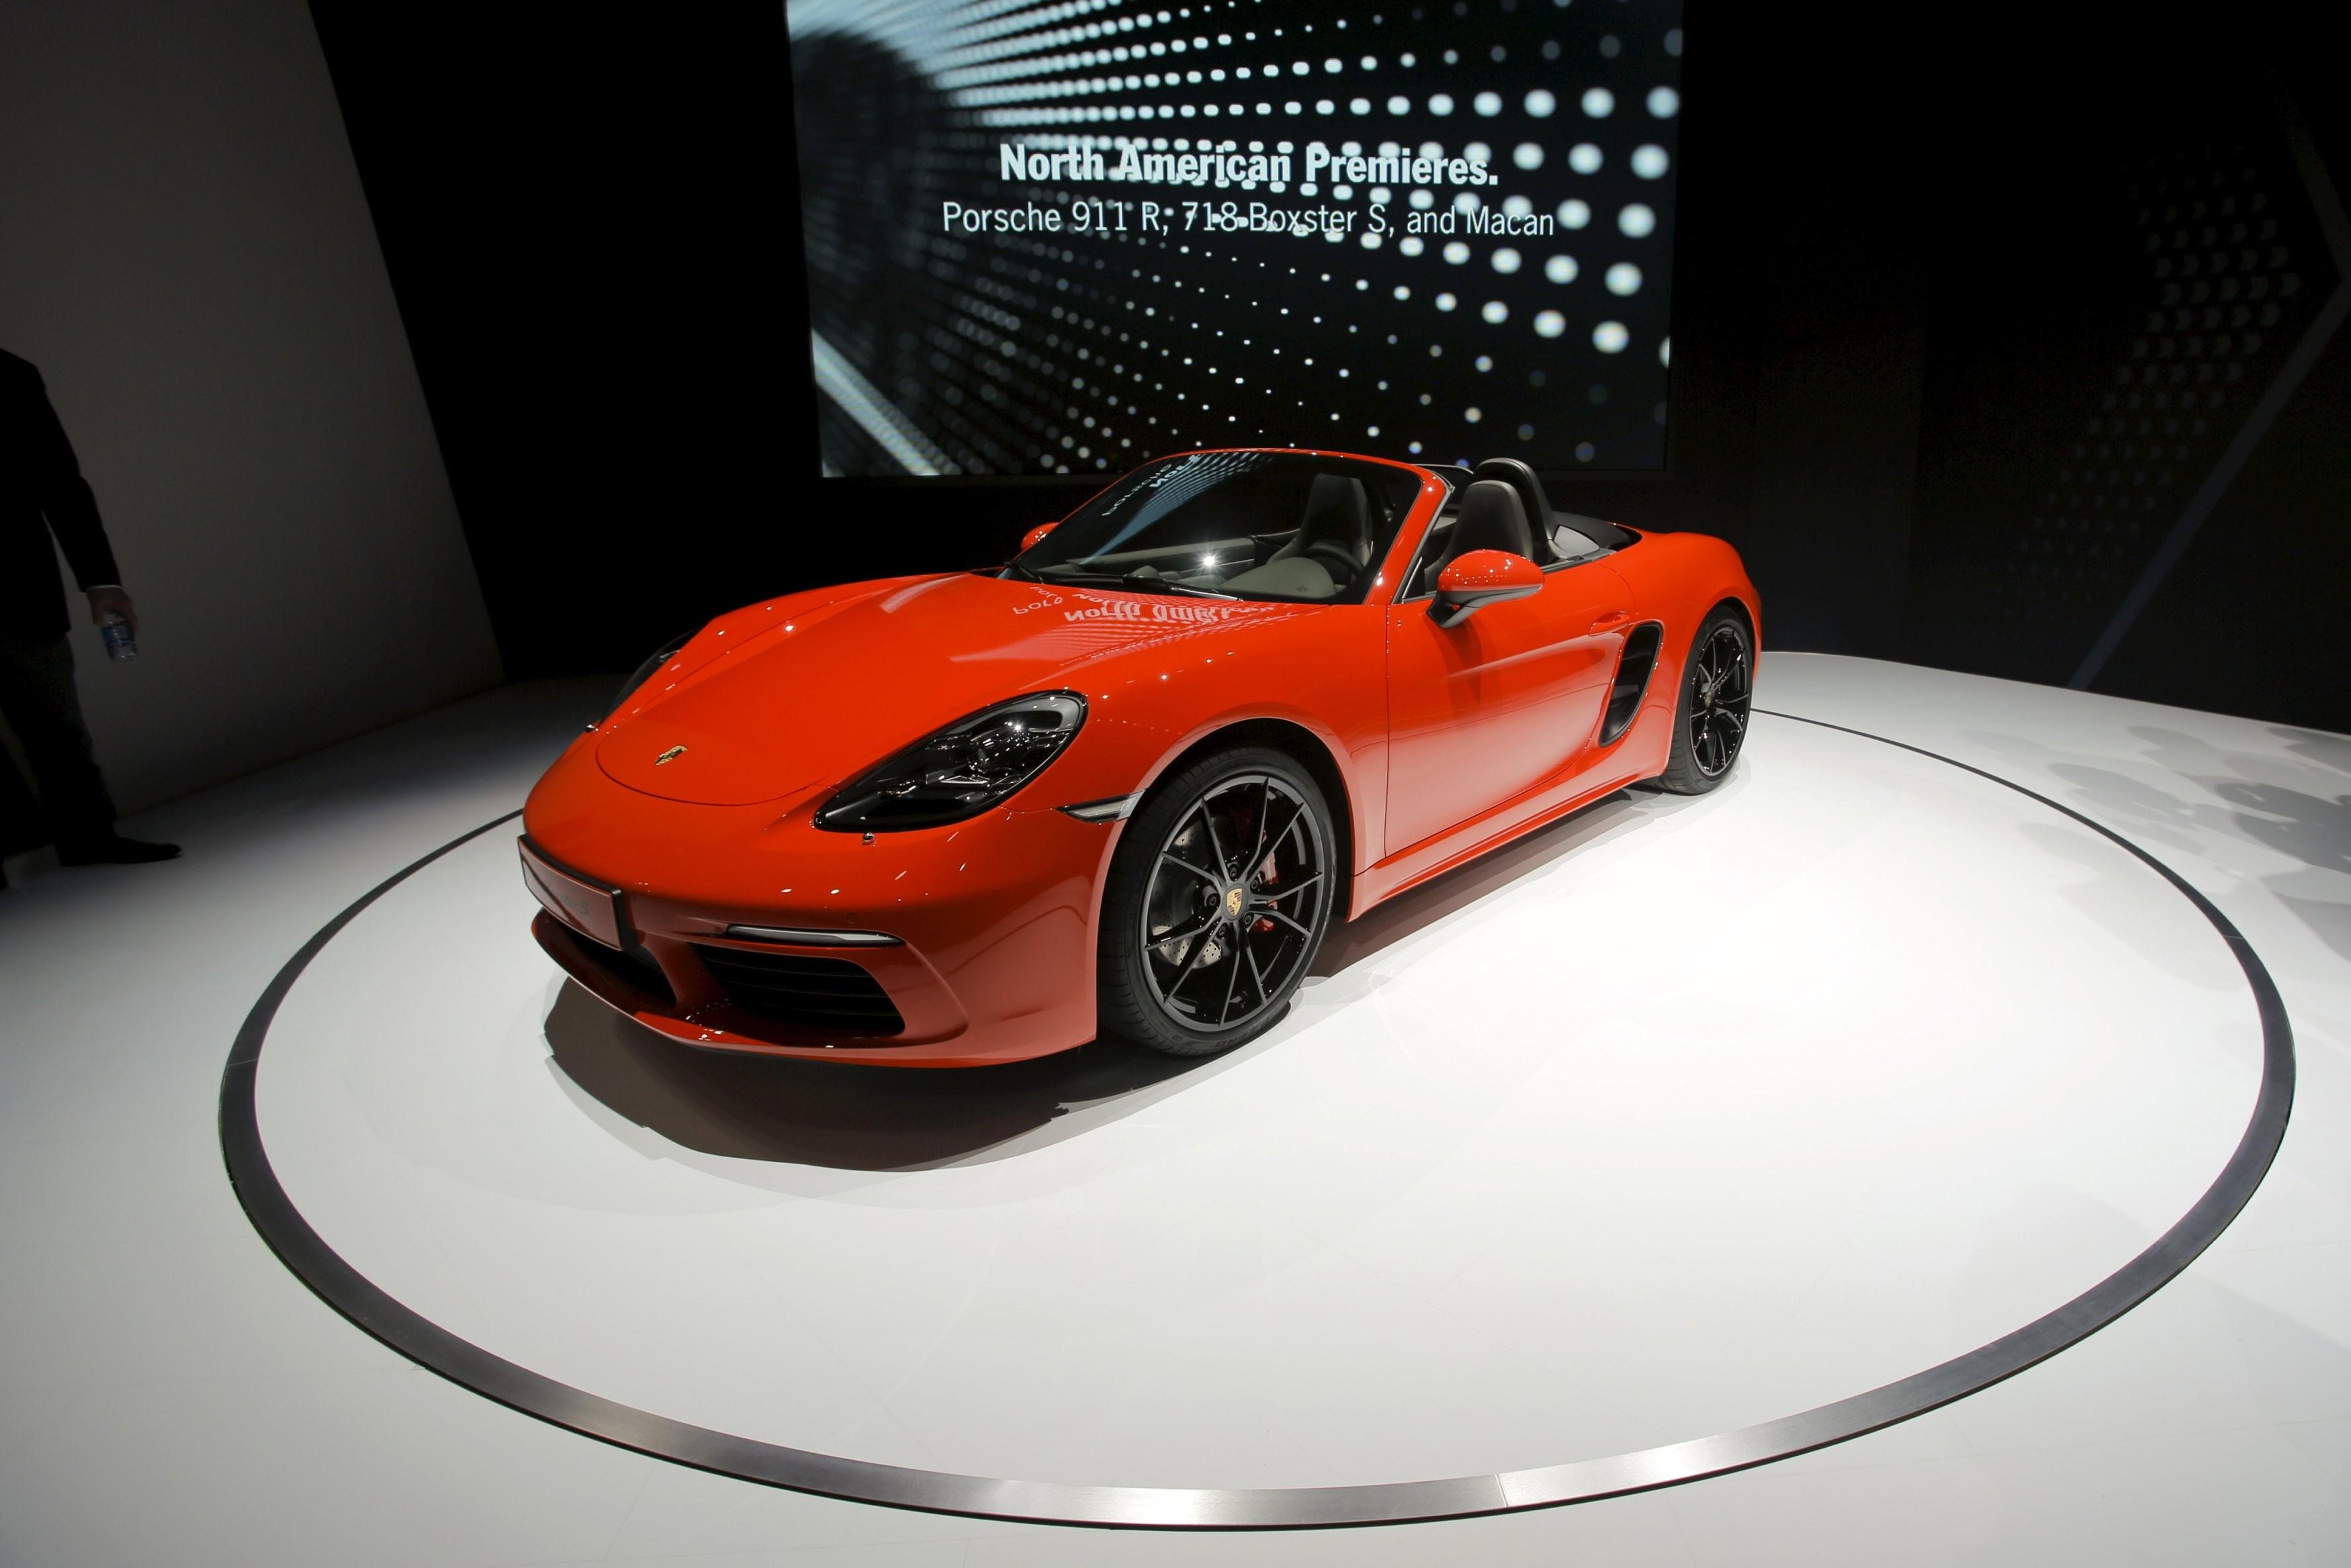 Porsche faz recall em 6 modelos por falha em airbag - Notícias - Plantão Diário